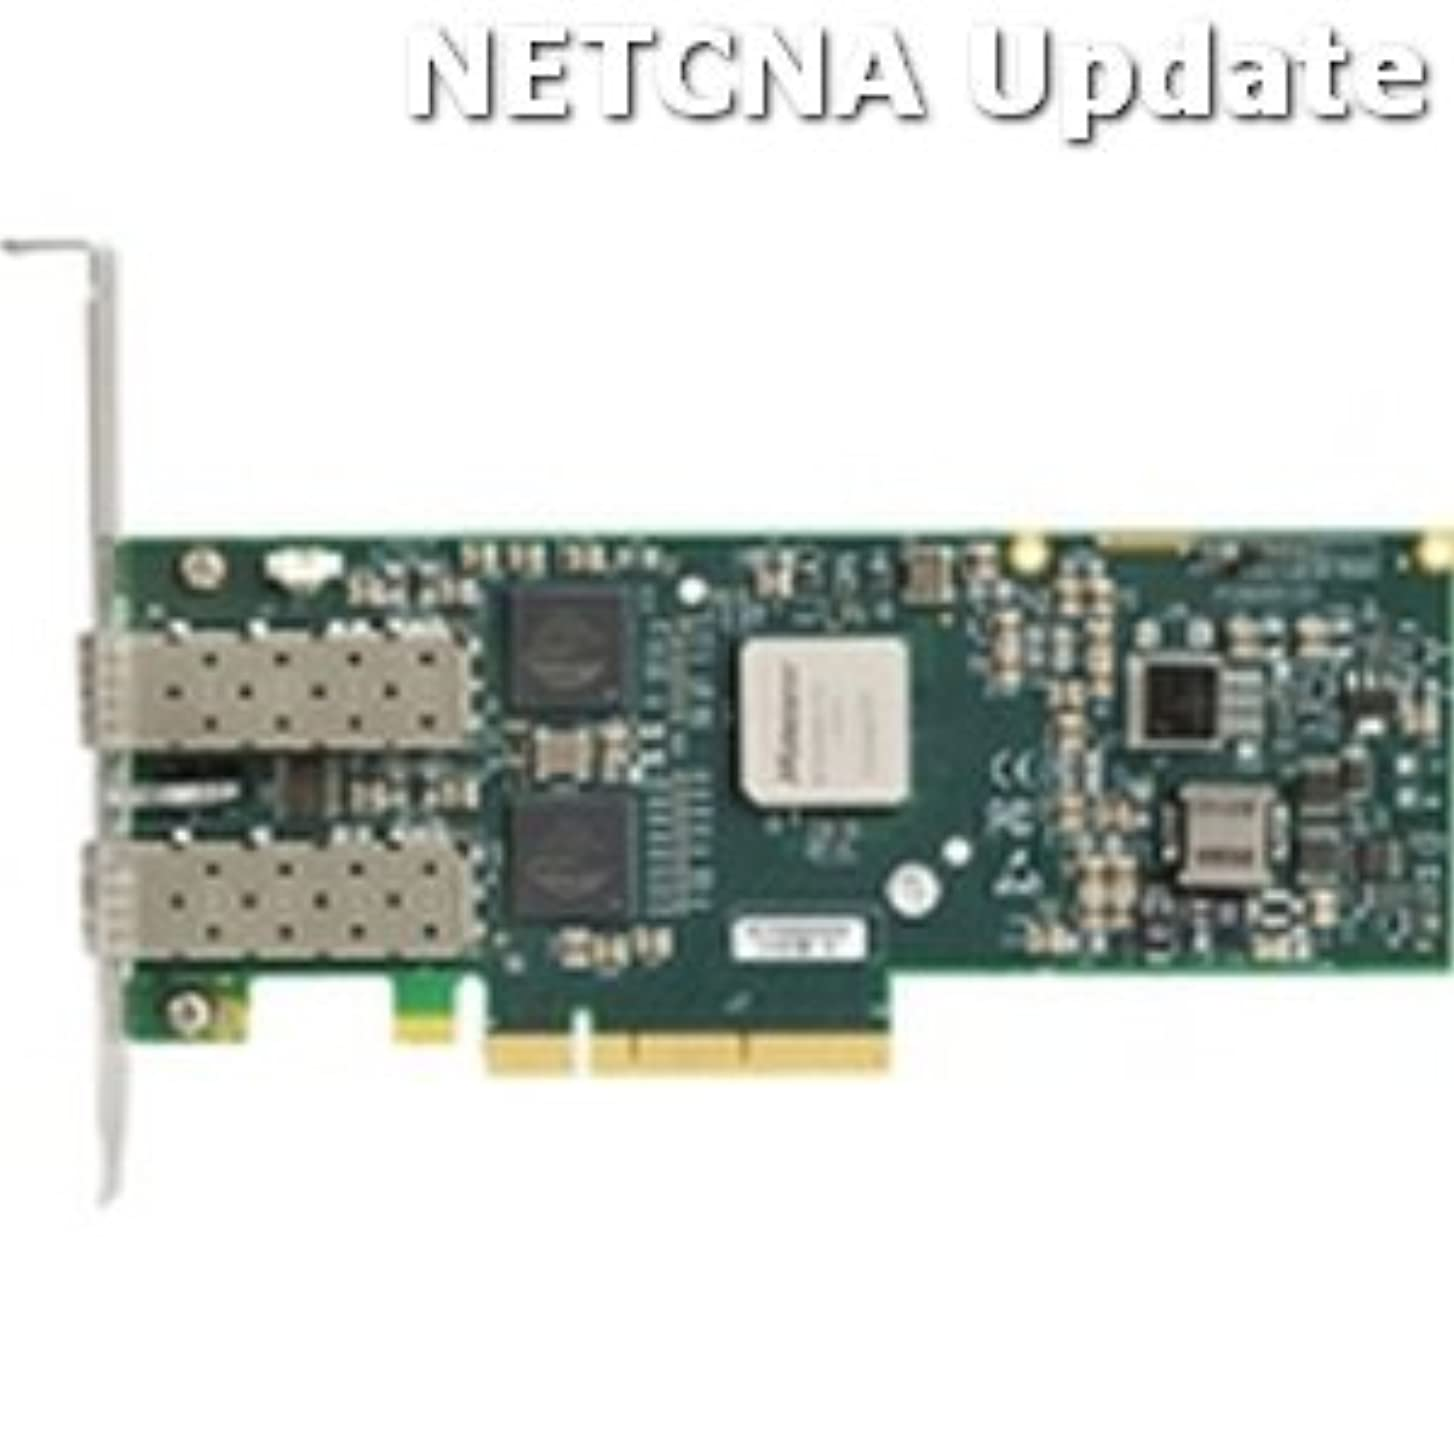 可聴教養がある生きる516937-b21 HP 10 GB PCI - Eネットワークカード互換製品by NETCNA